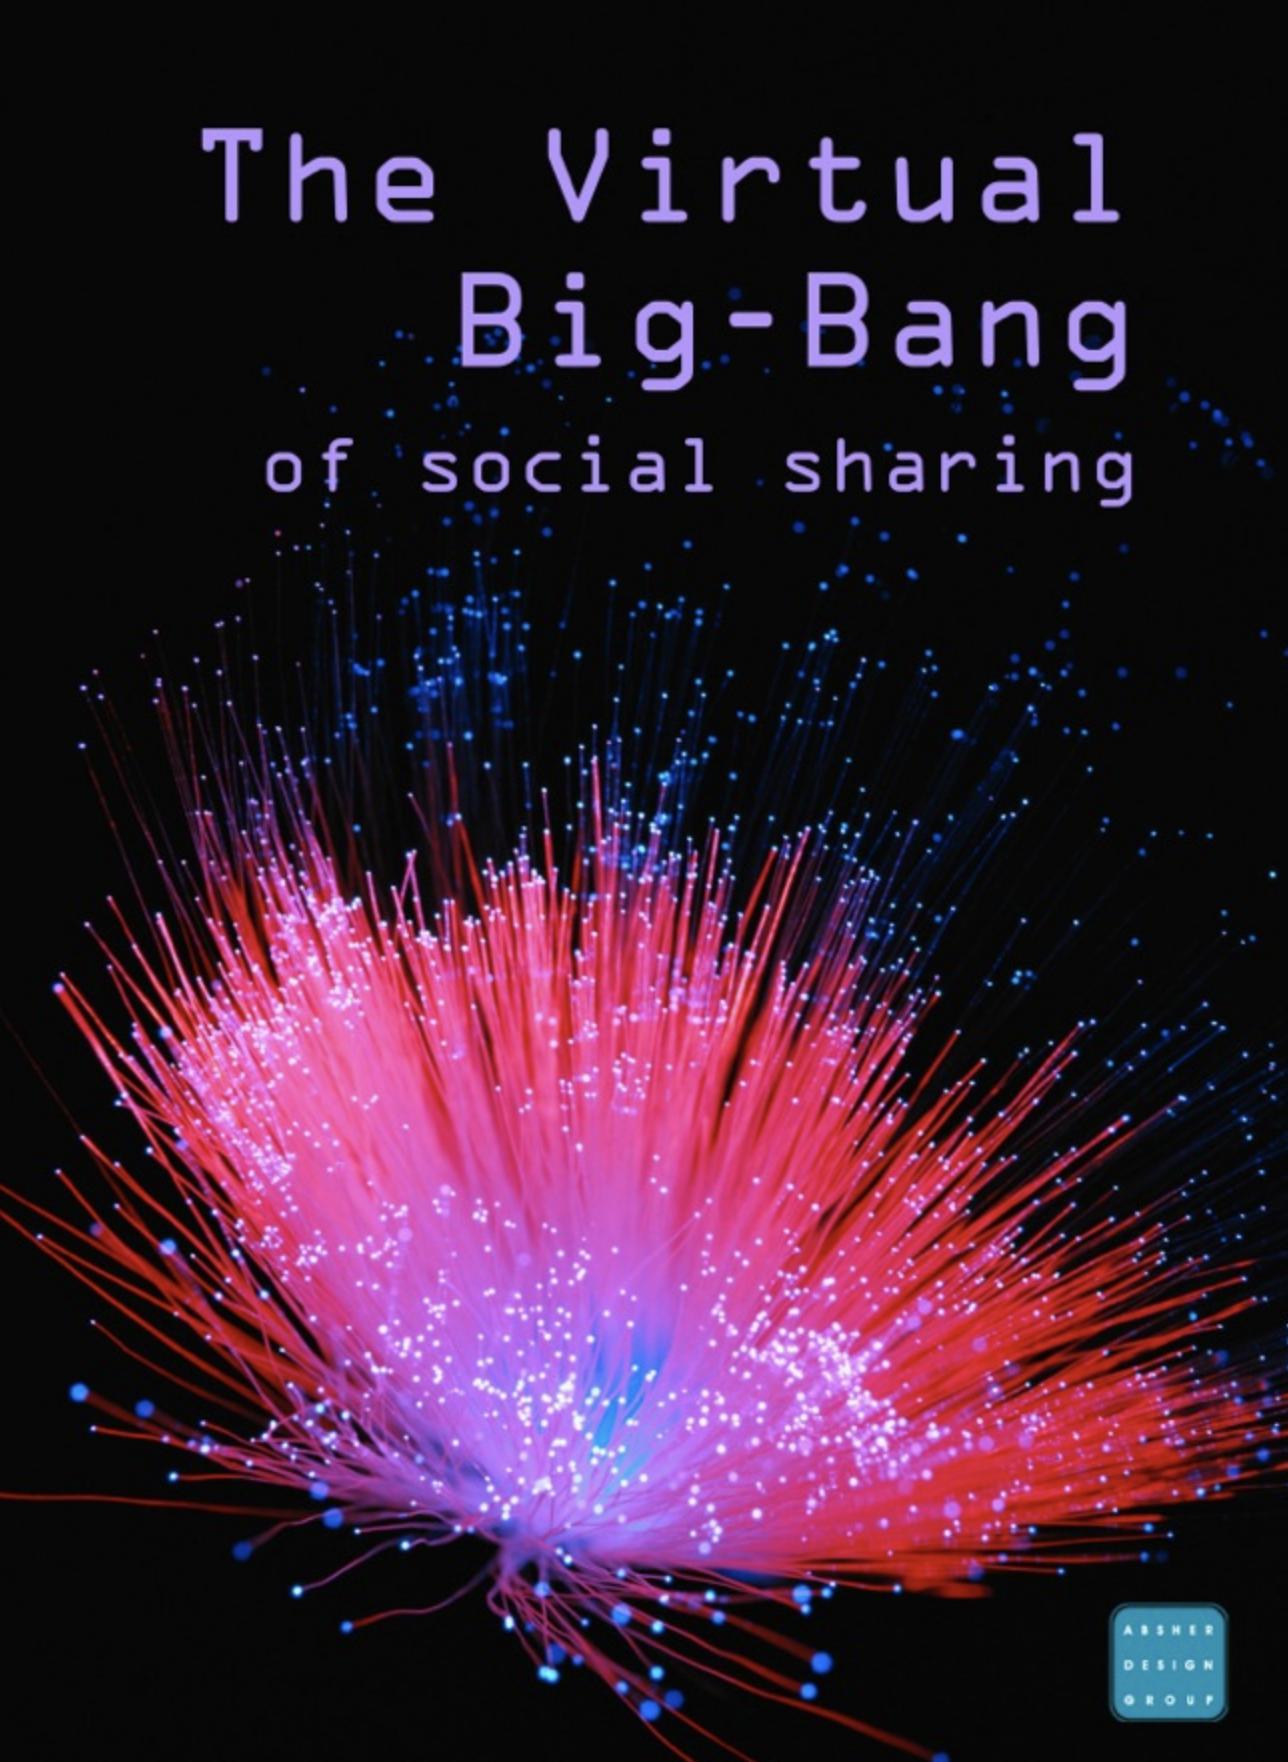 Marketing Monday: The Virtual Big Bang—The Science Behind